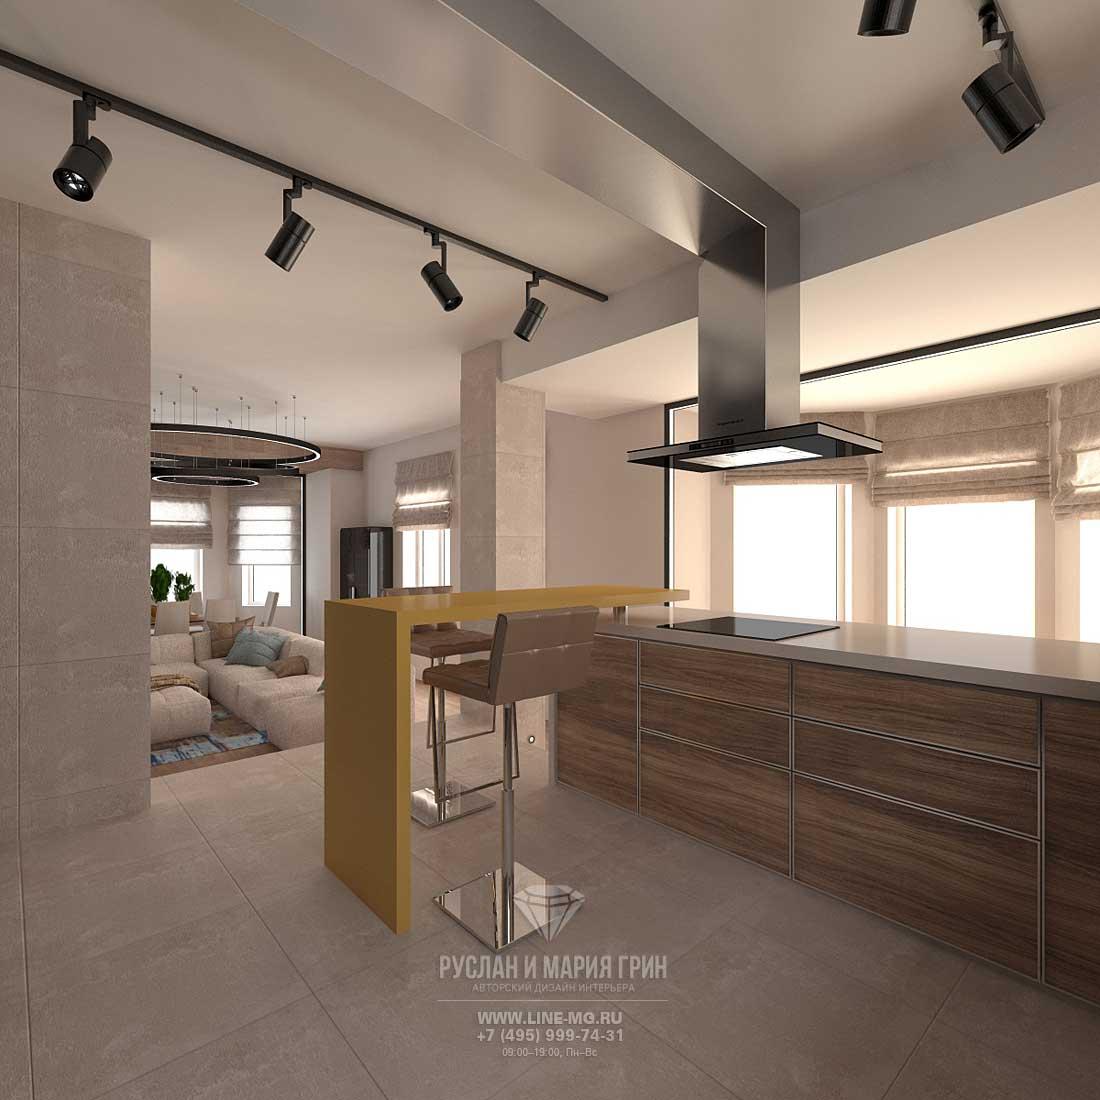 Дизайн современной кухни с гостиной: фото 2016